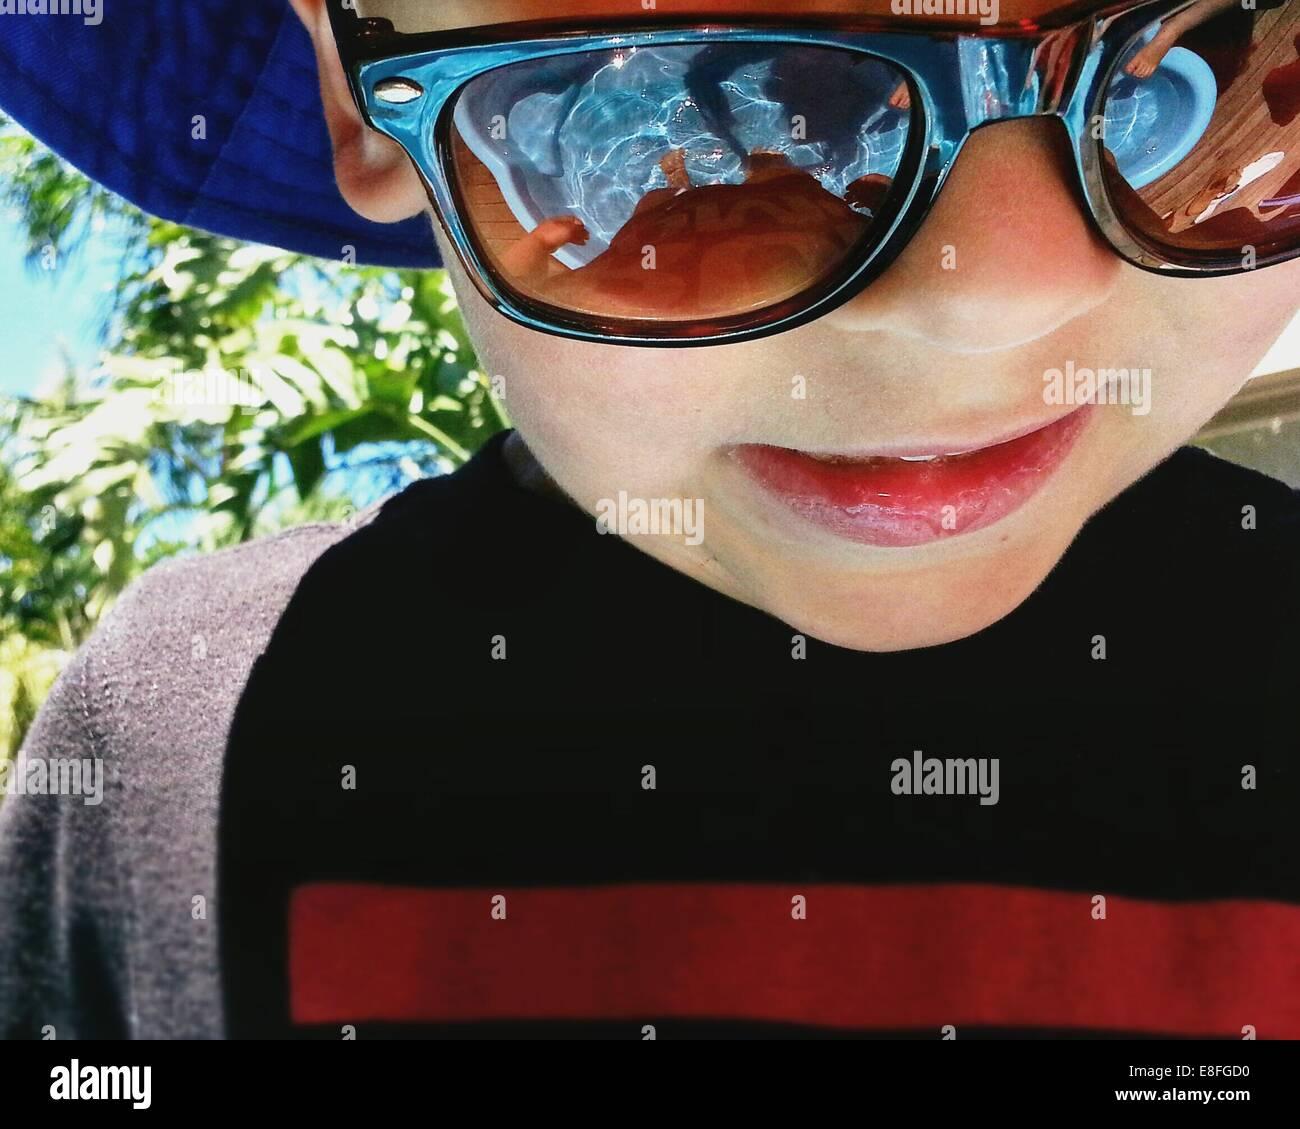 Retrato de un niño con gafas de sol Imagen De Stock